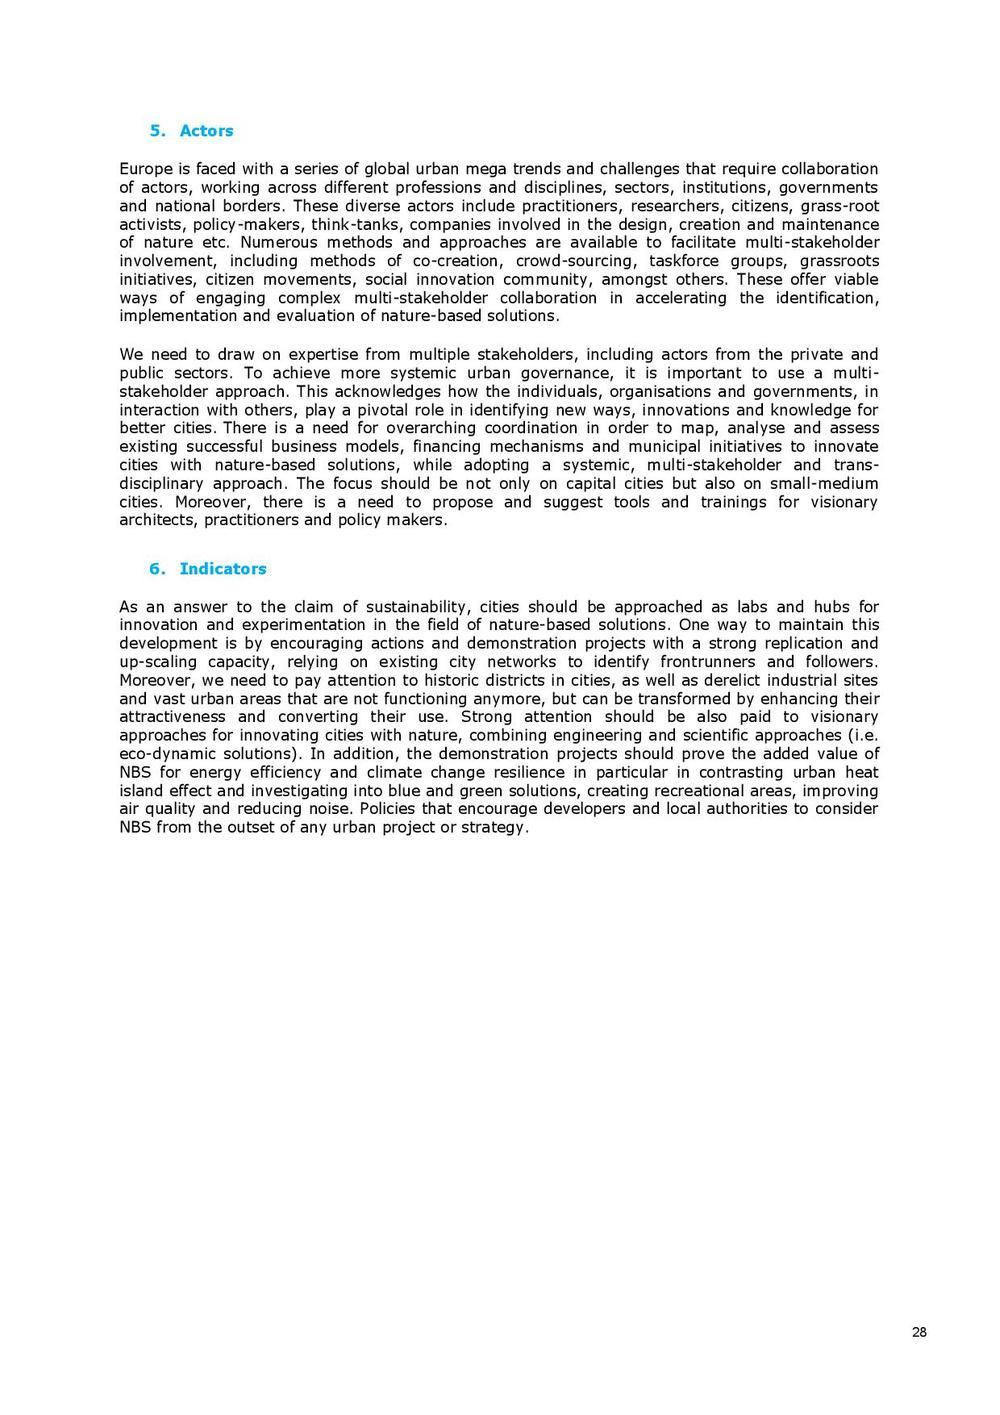 DG RTD_WEB-Publication A4_NBS_long_version_20150310-page-030.jpg